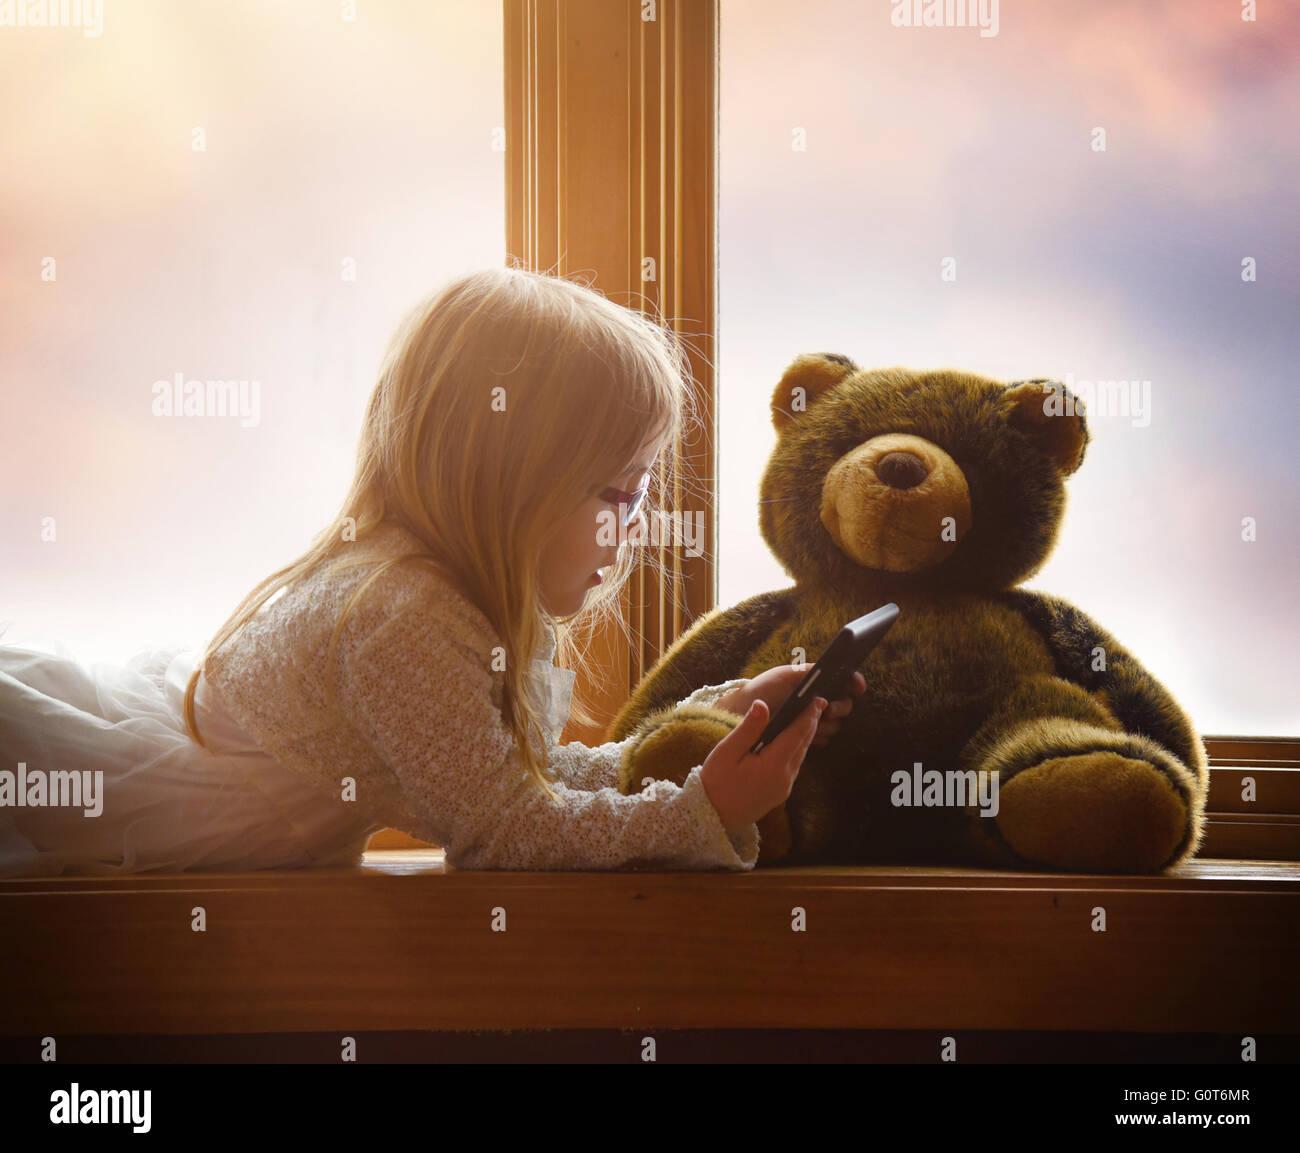 Un niño está jugando con una tableta electrónica en una ventana con su oso de peluche para un juego, Imagen De Stock